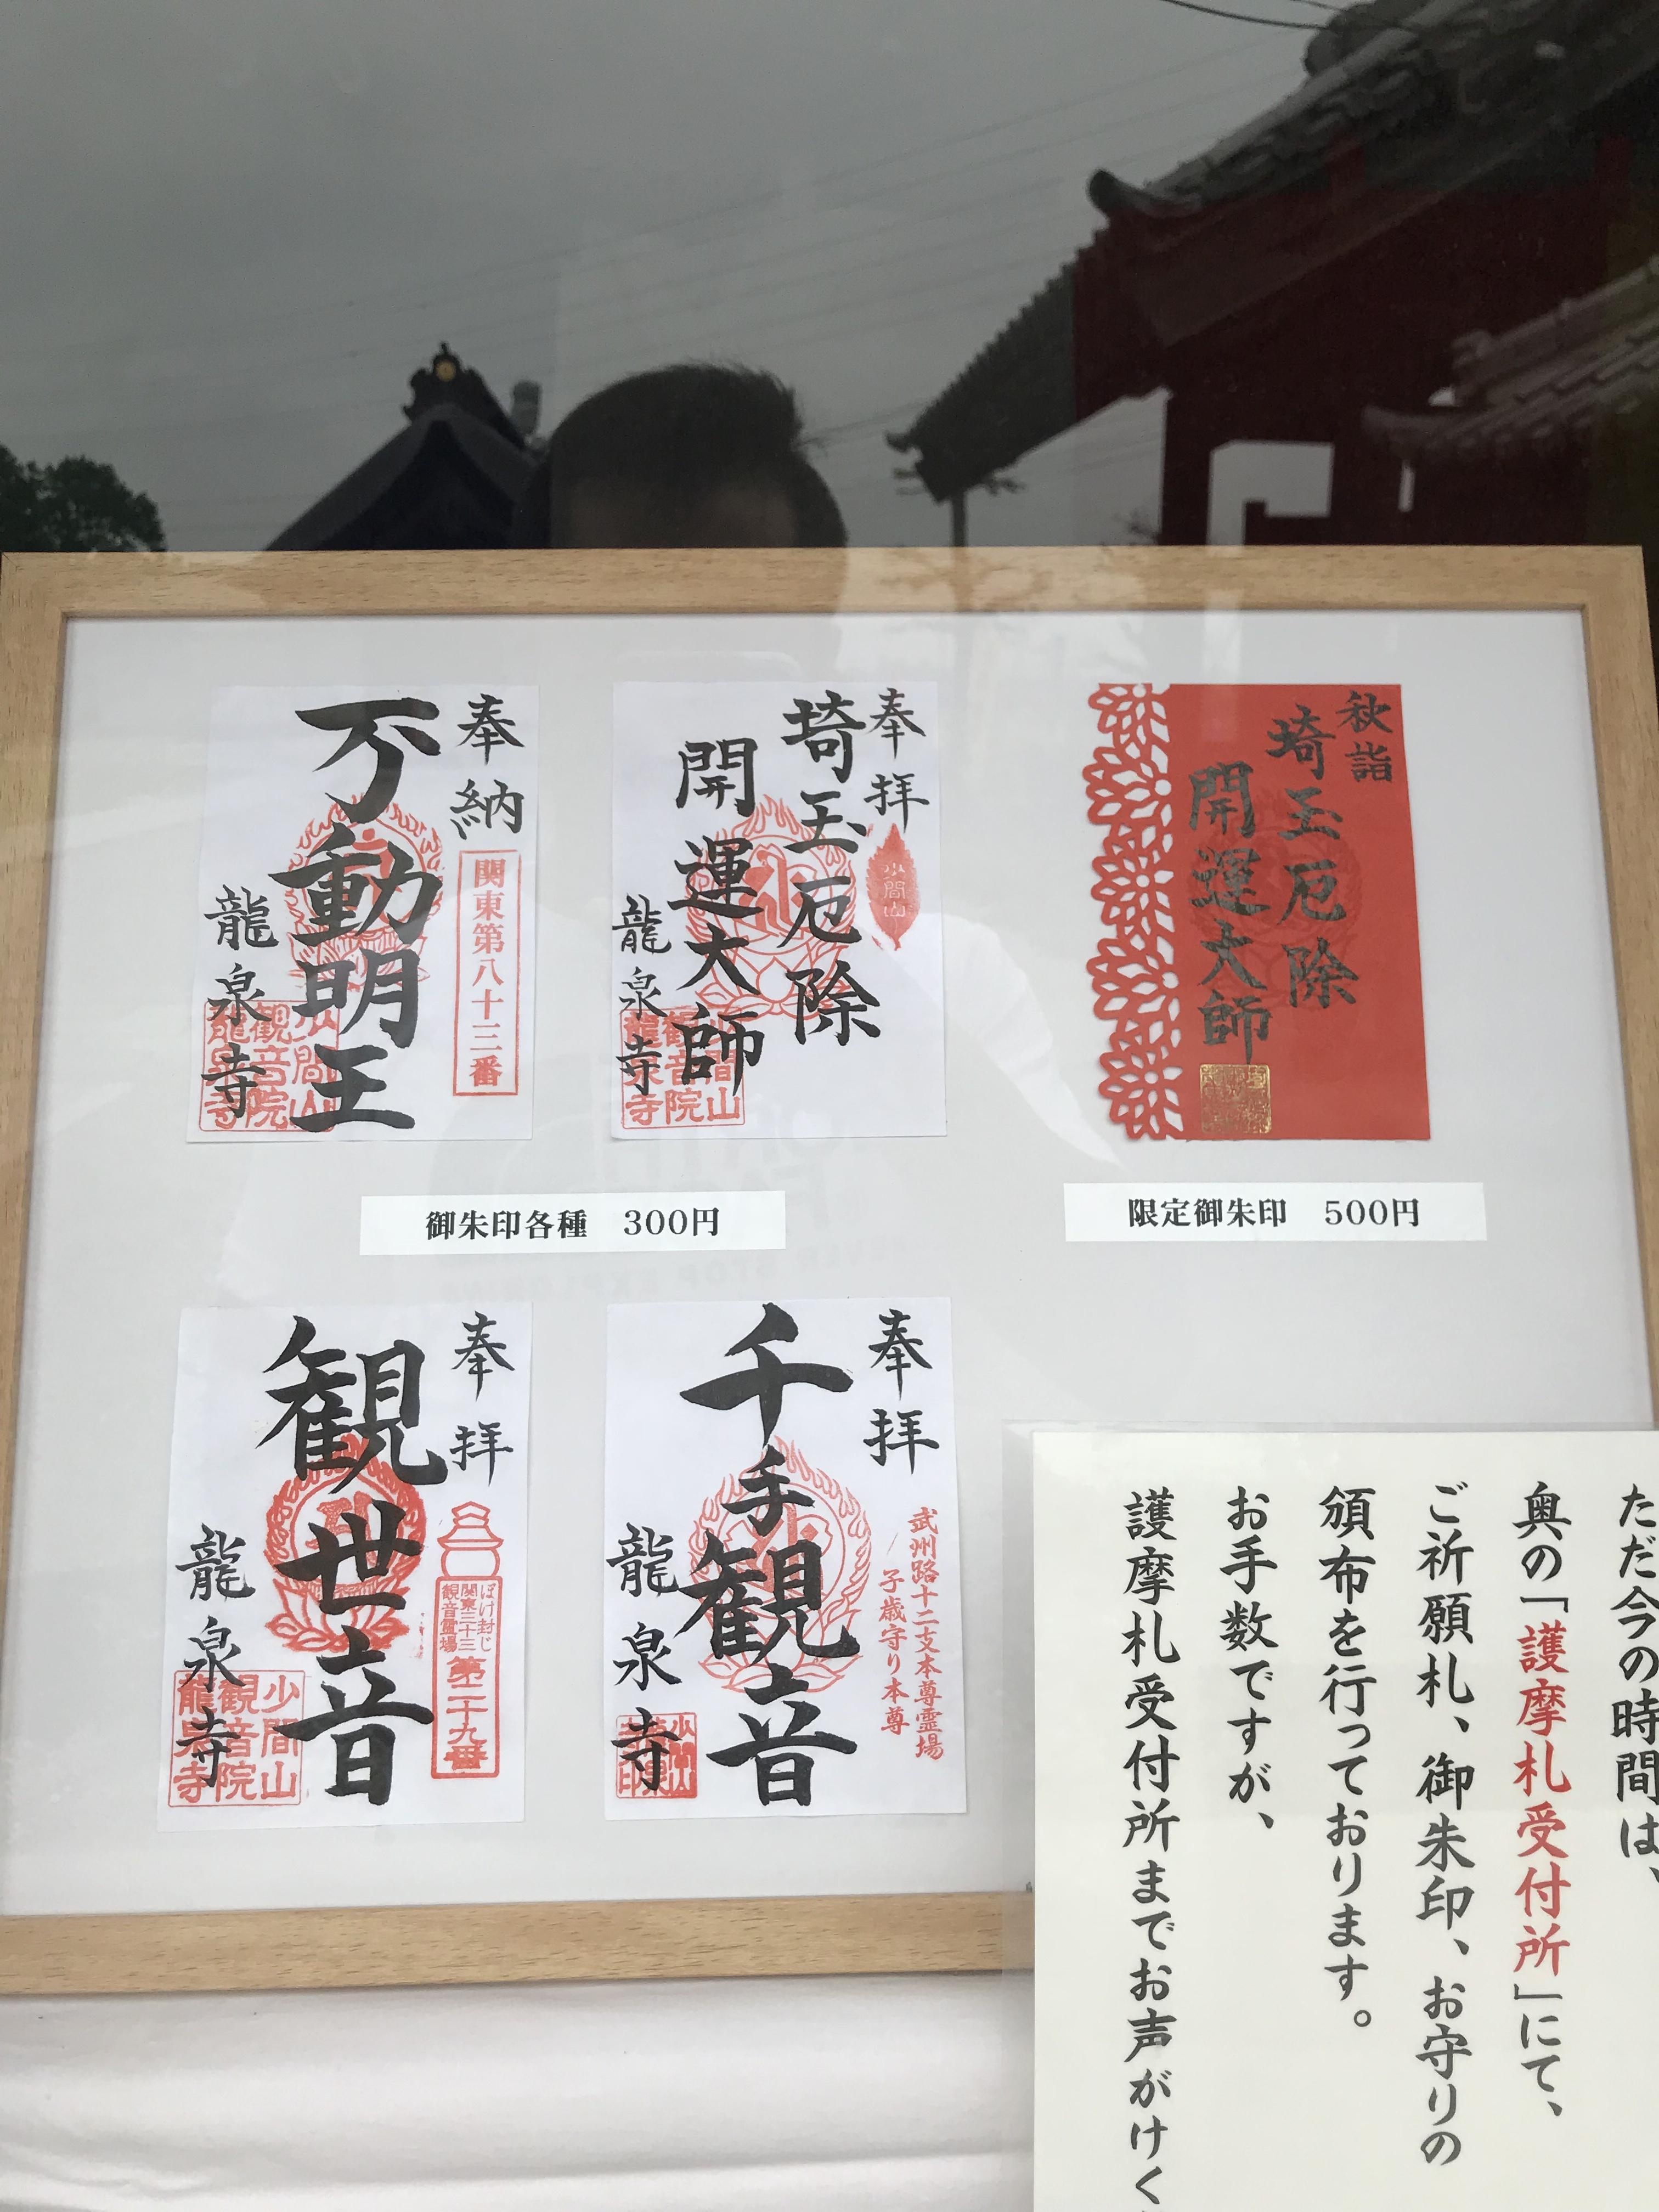 埼玉厄除け開運大師・龍泉寺の建物その他